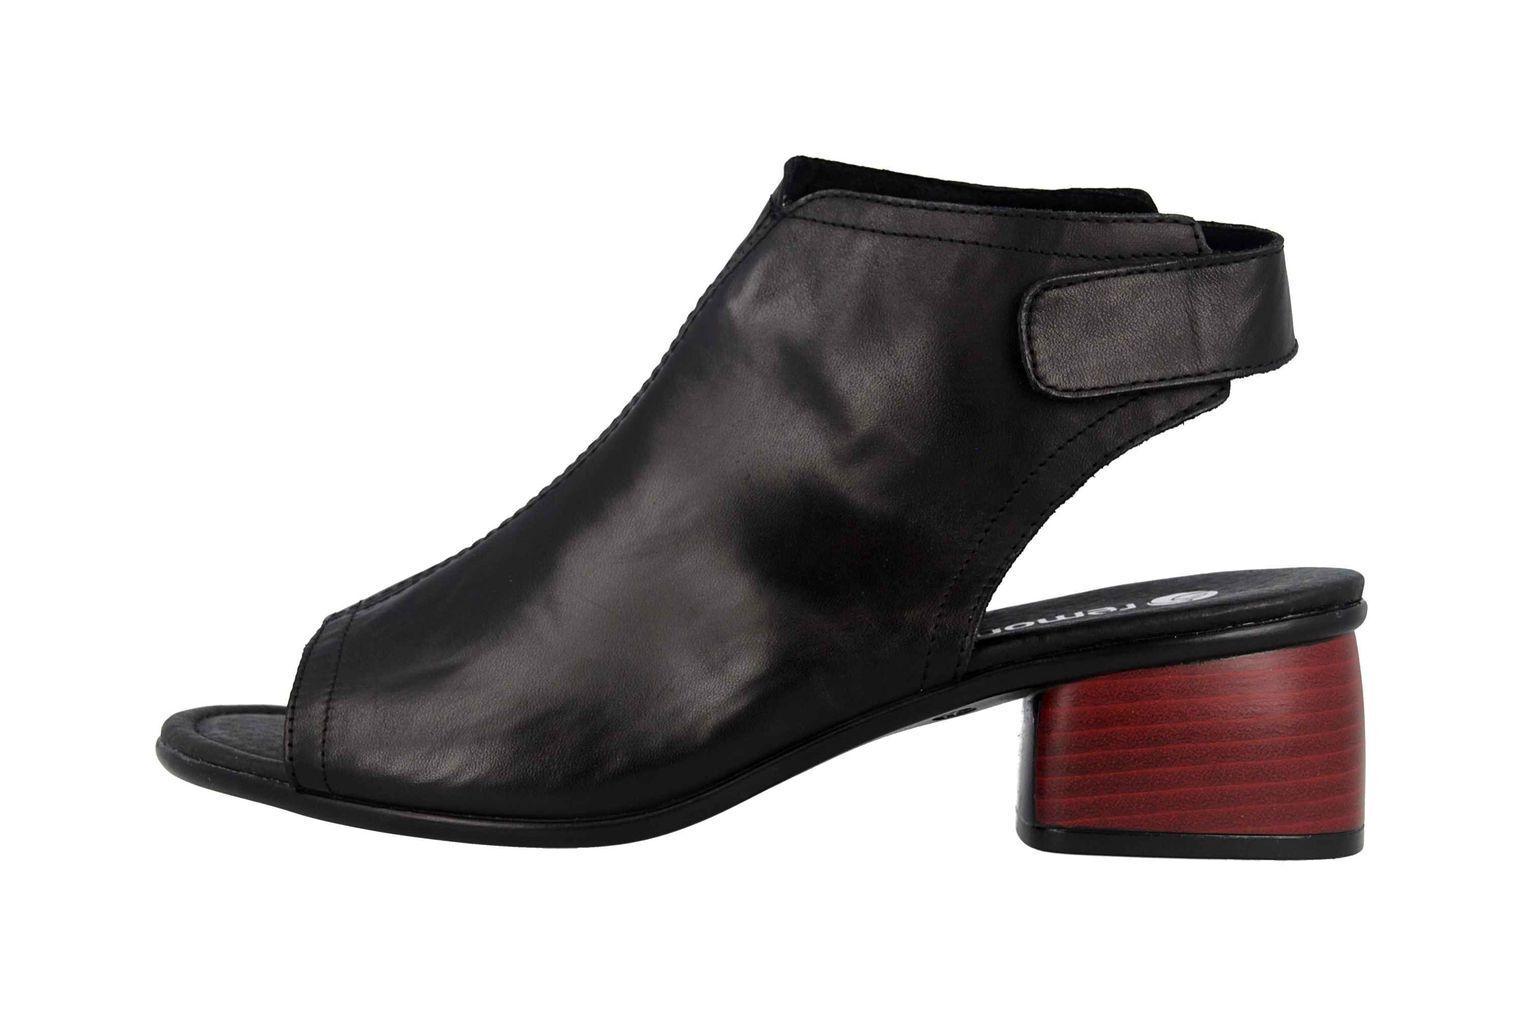 2fcf486ba9e Remonte Sandales en Grande Taille Noir Noir Noir r8770-01 Grand Chaussures  Femmes d3ae3d